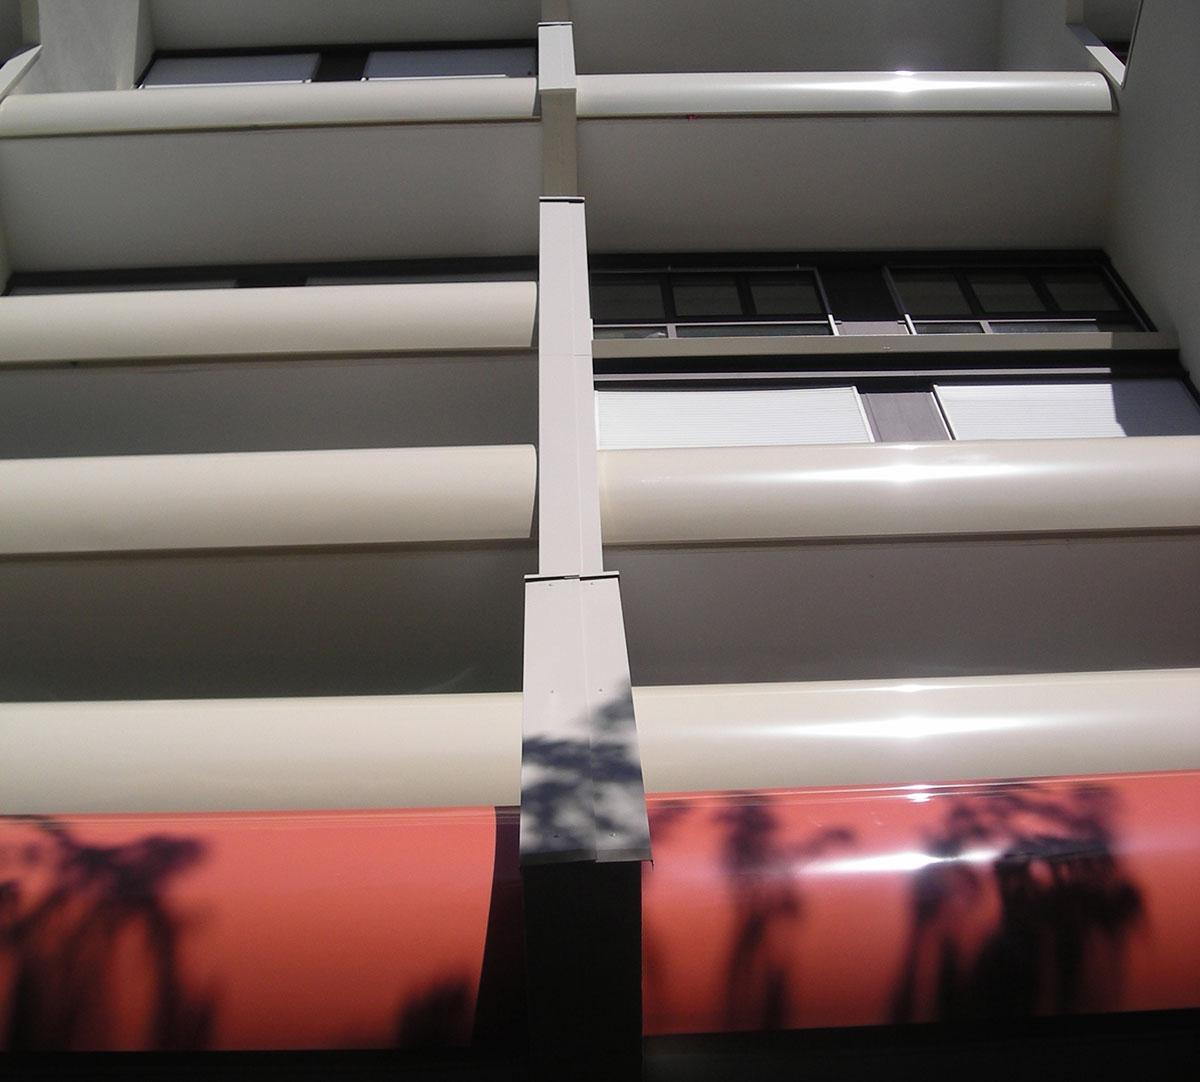 Réalisation Couvertines et capotage vertical : image 2